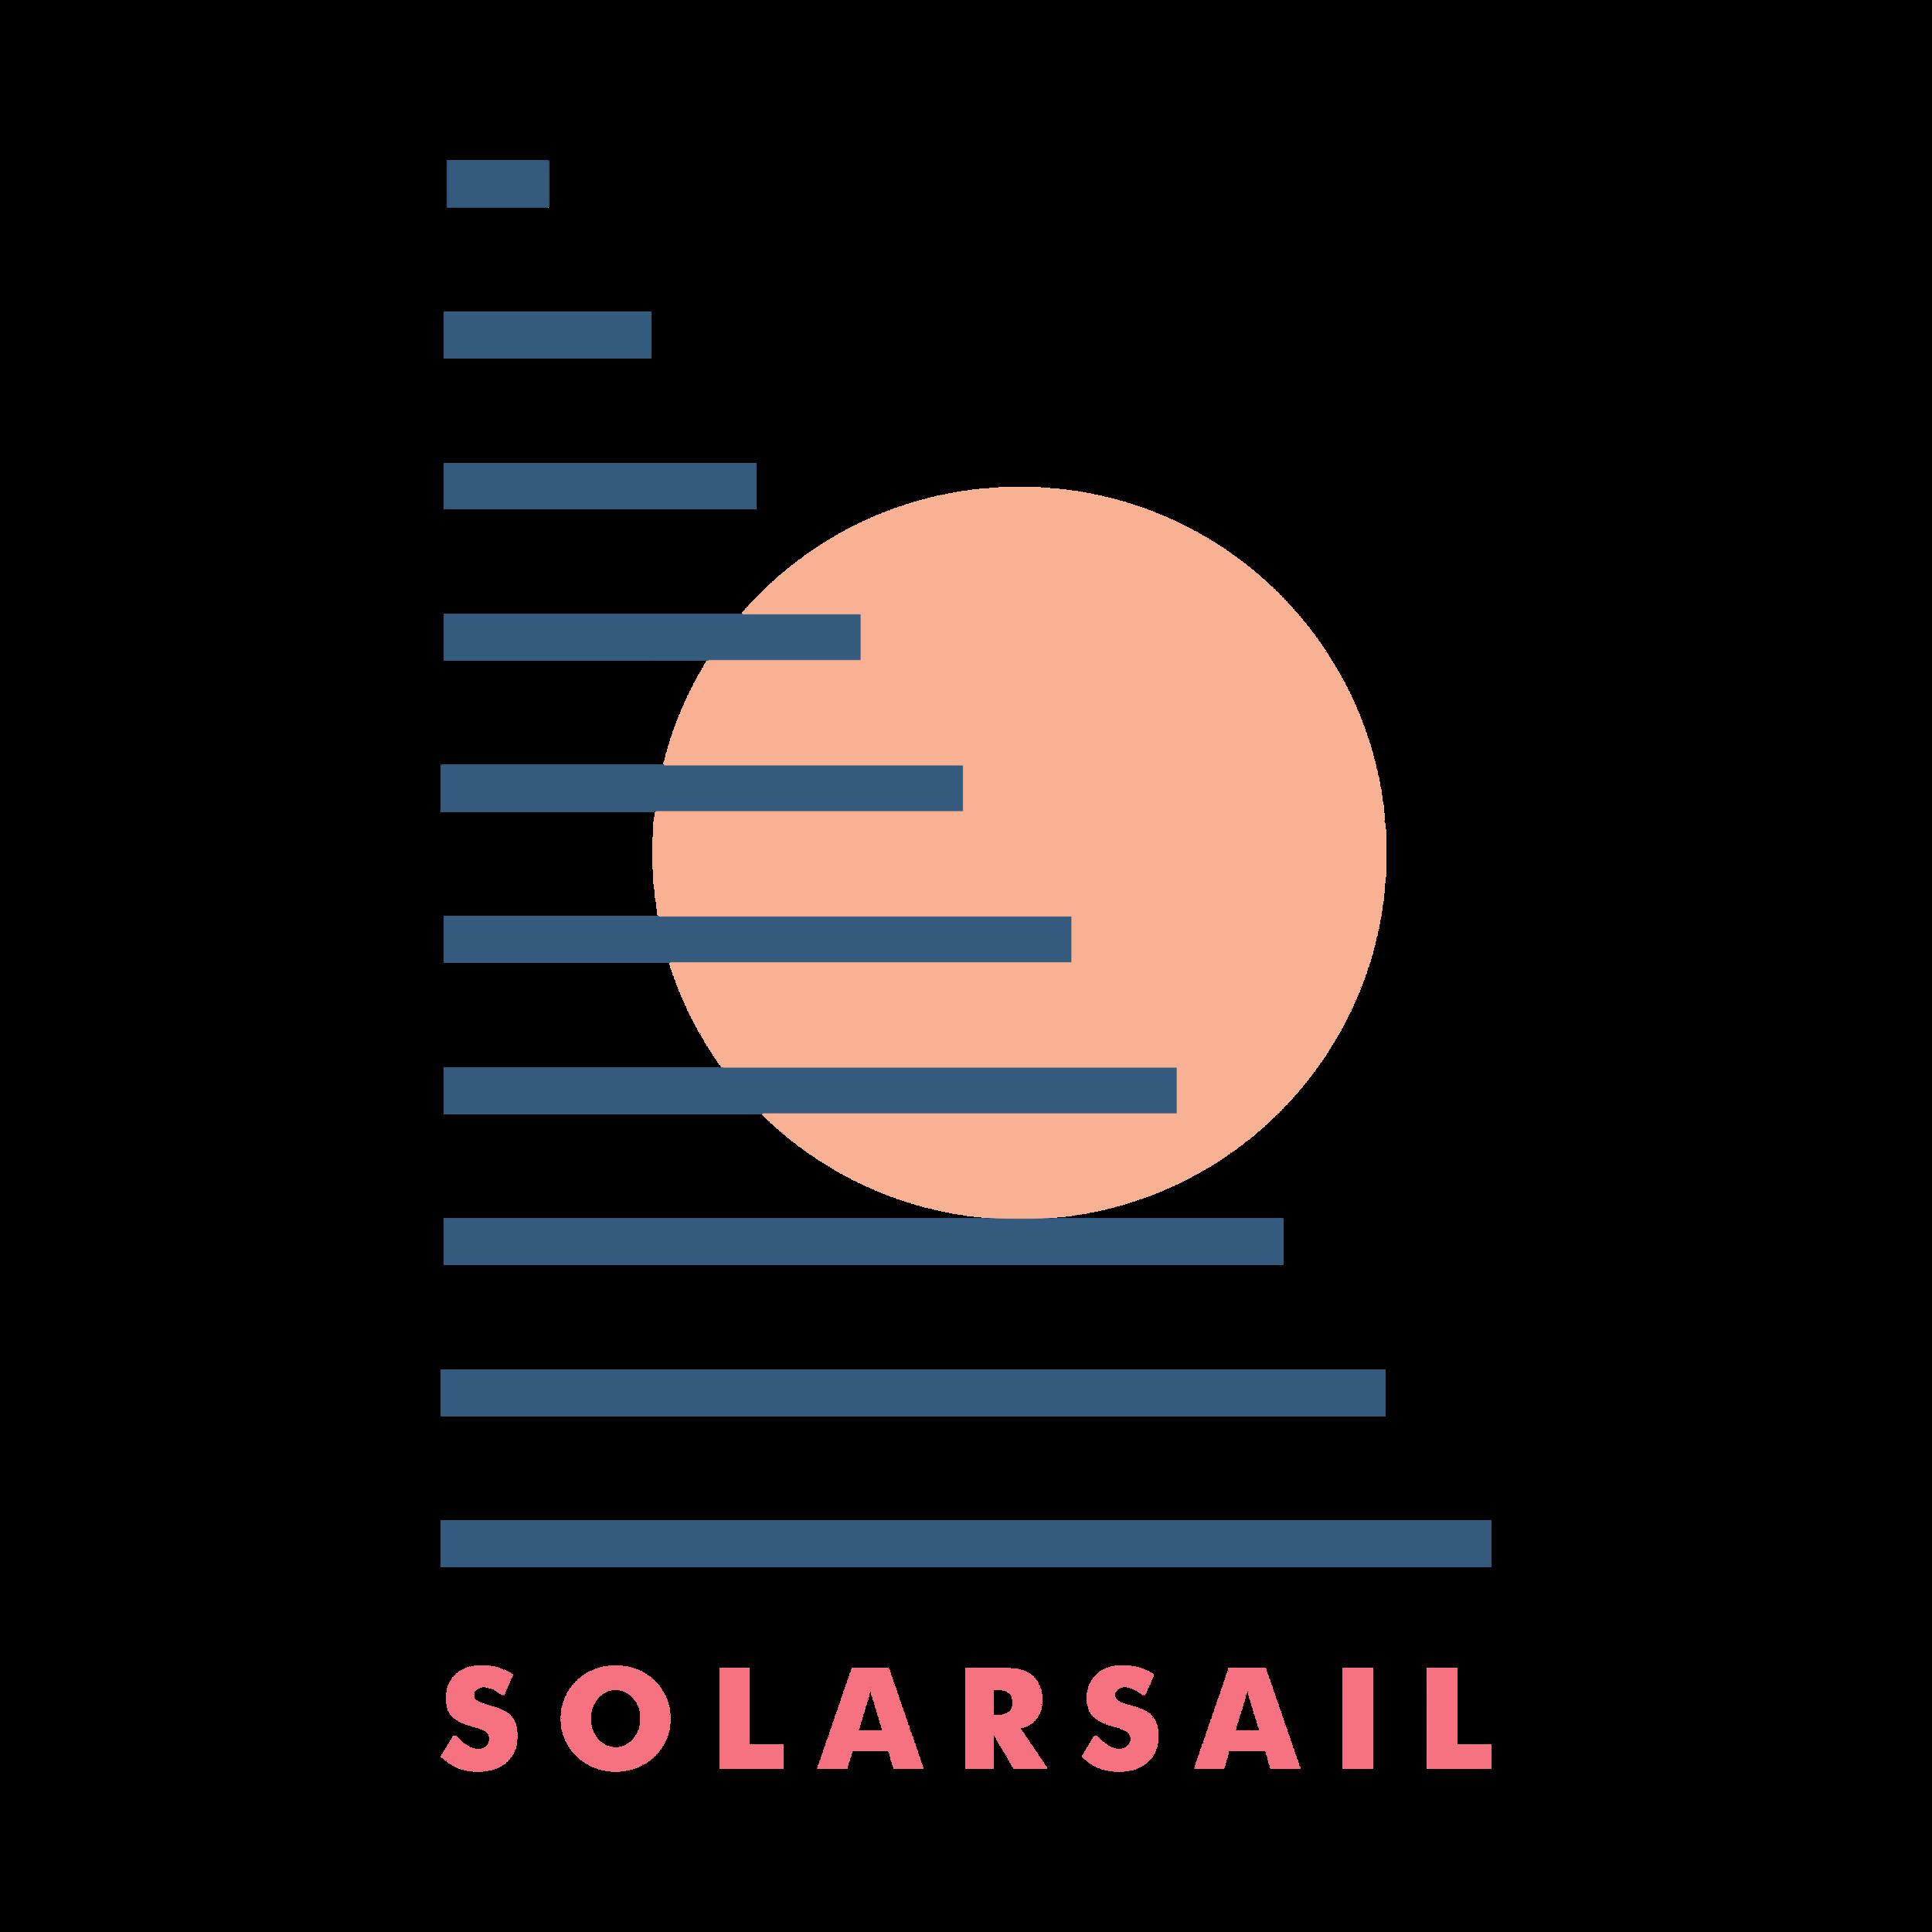 Solarsail #2